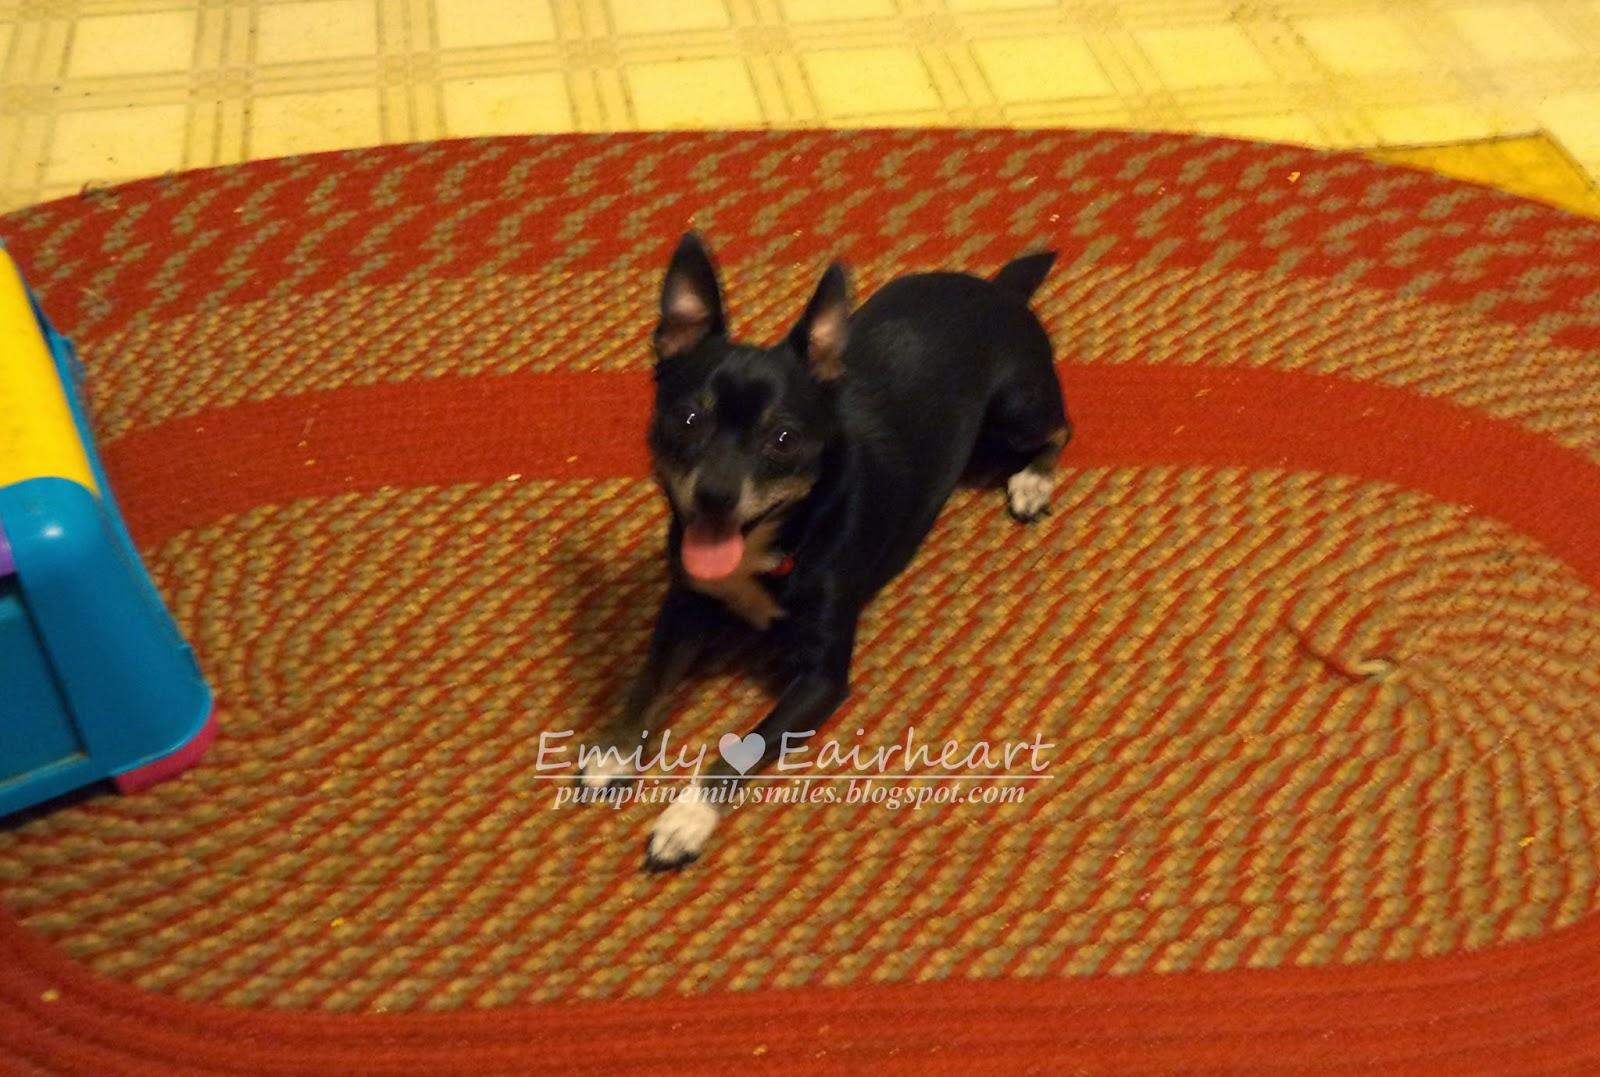 Minnie Chihuahua